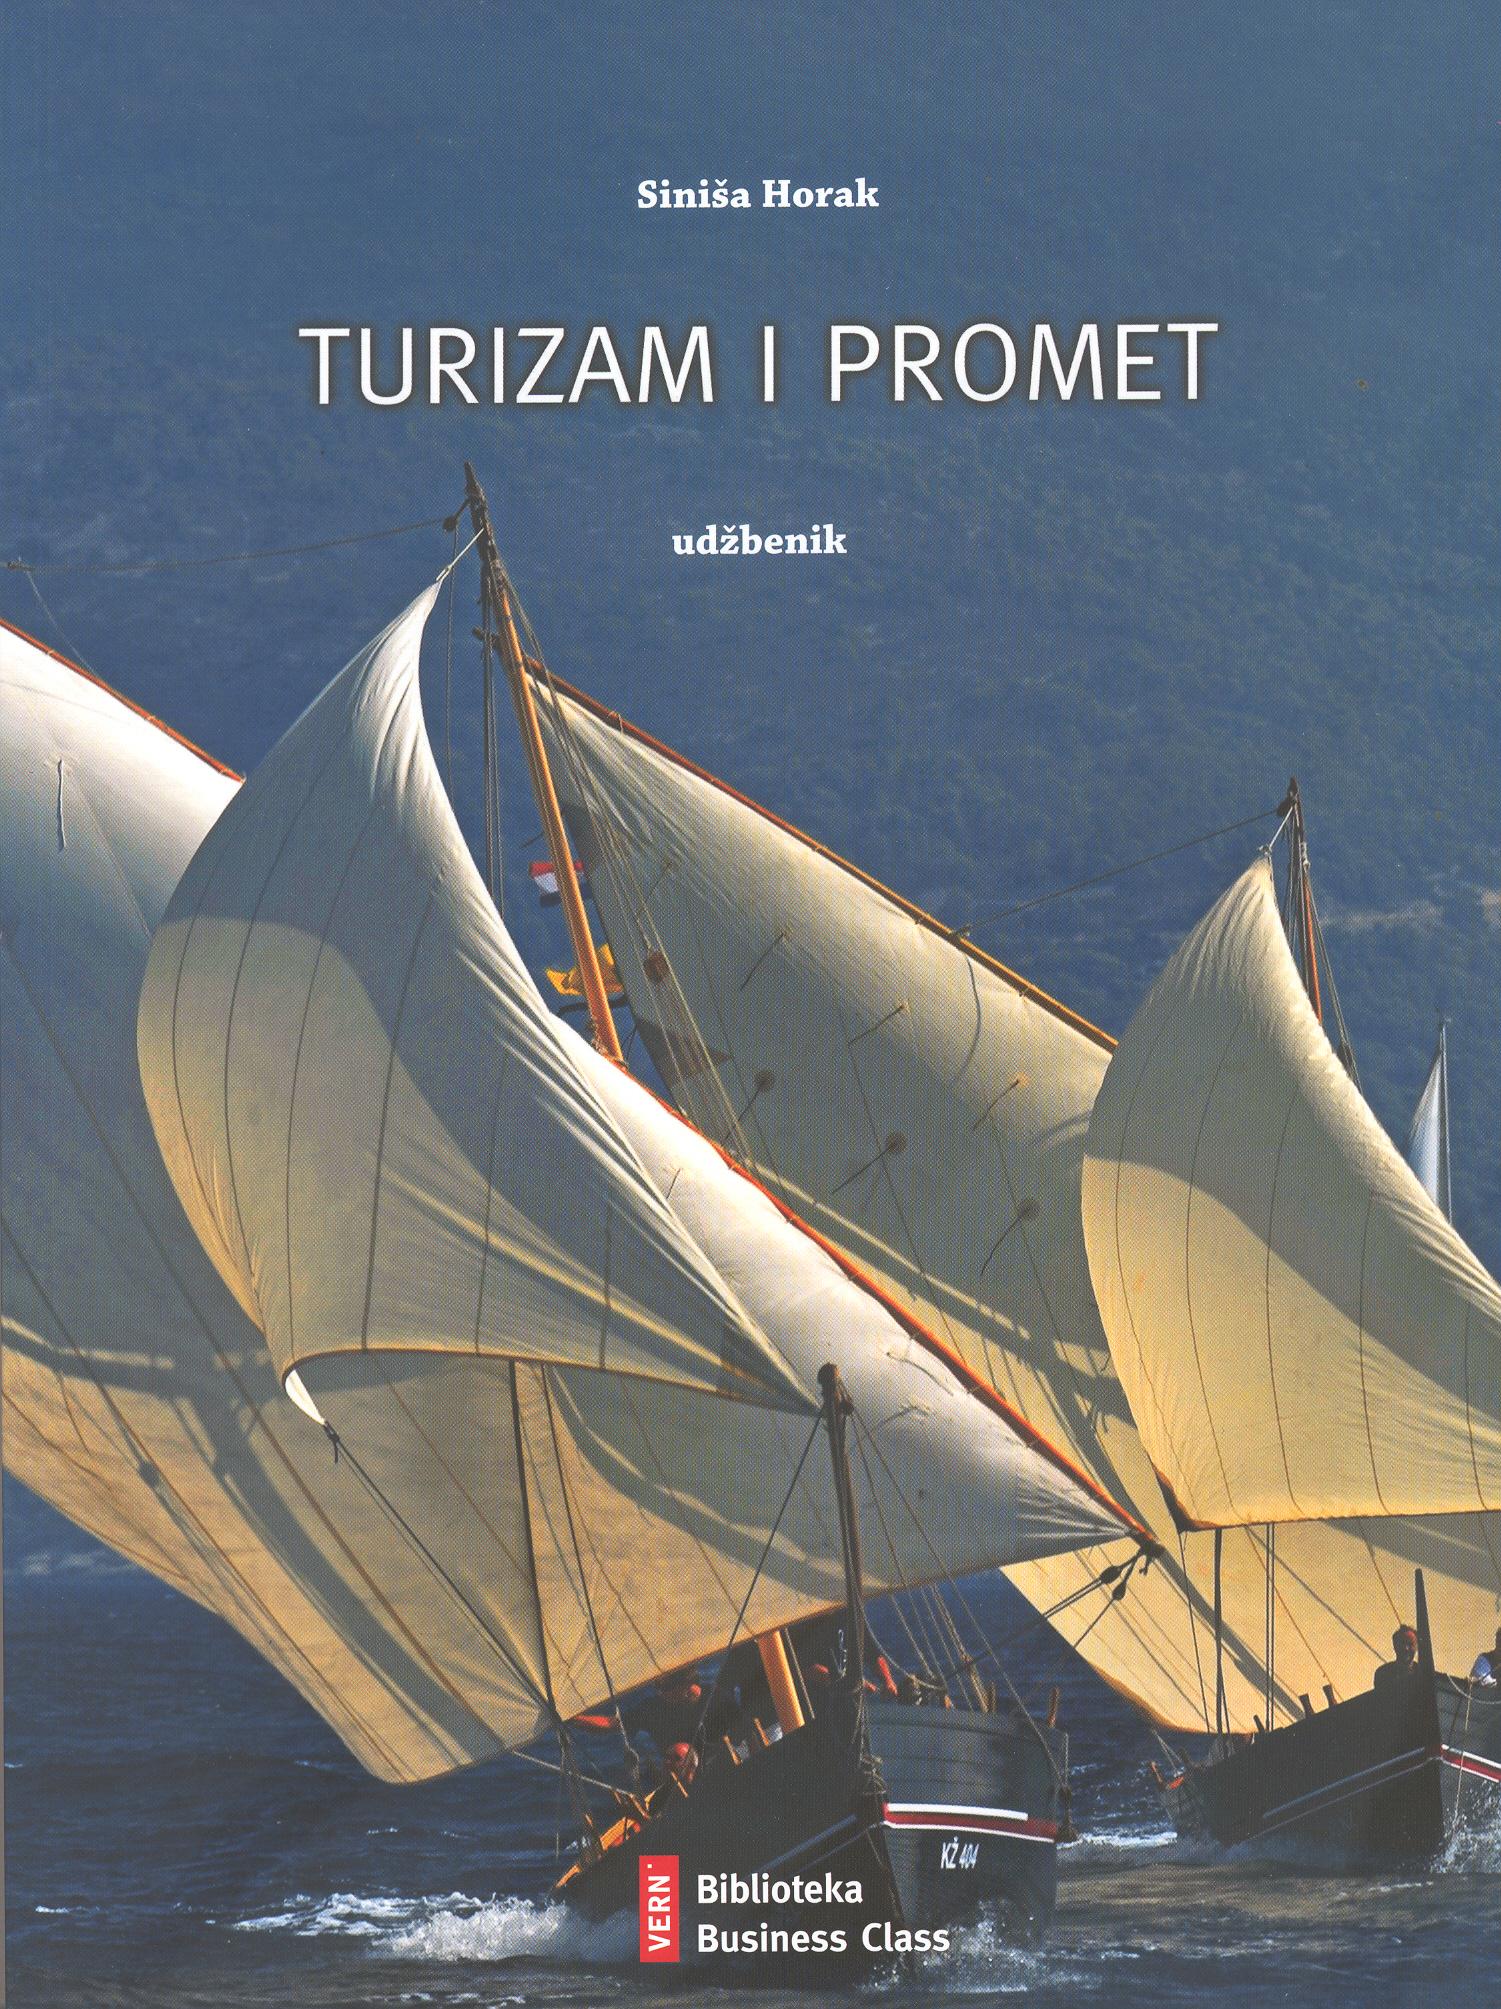 TURIZAM I PROMET - Naruči svoju knjigu